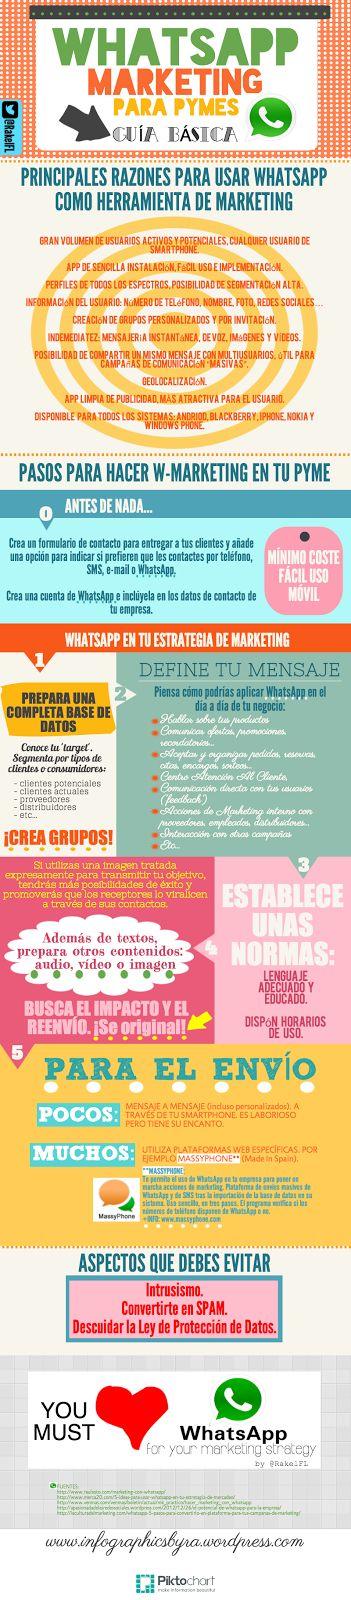 Diario de un social media manager: Whatsapp: Guía básica de marketing para Pymes